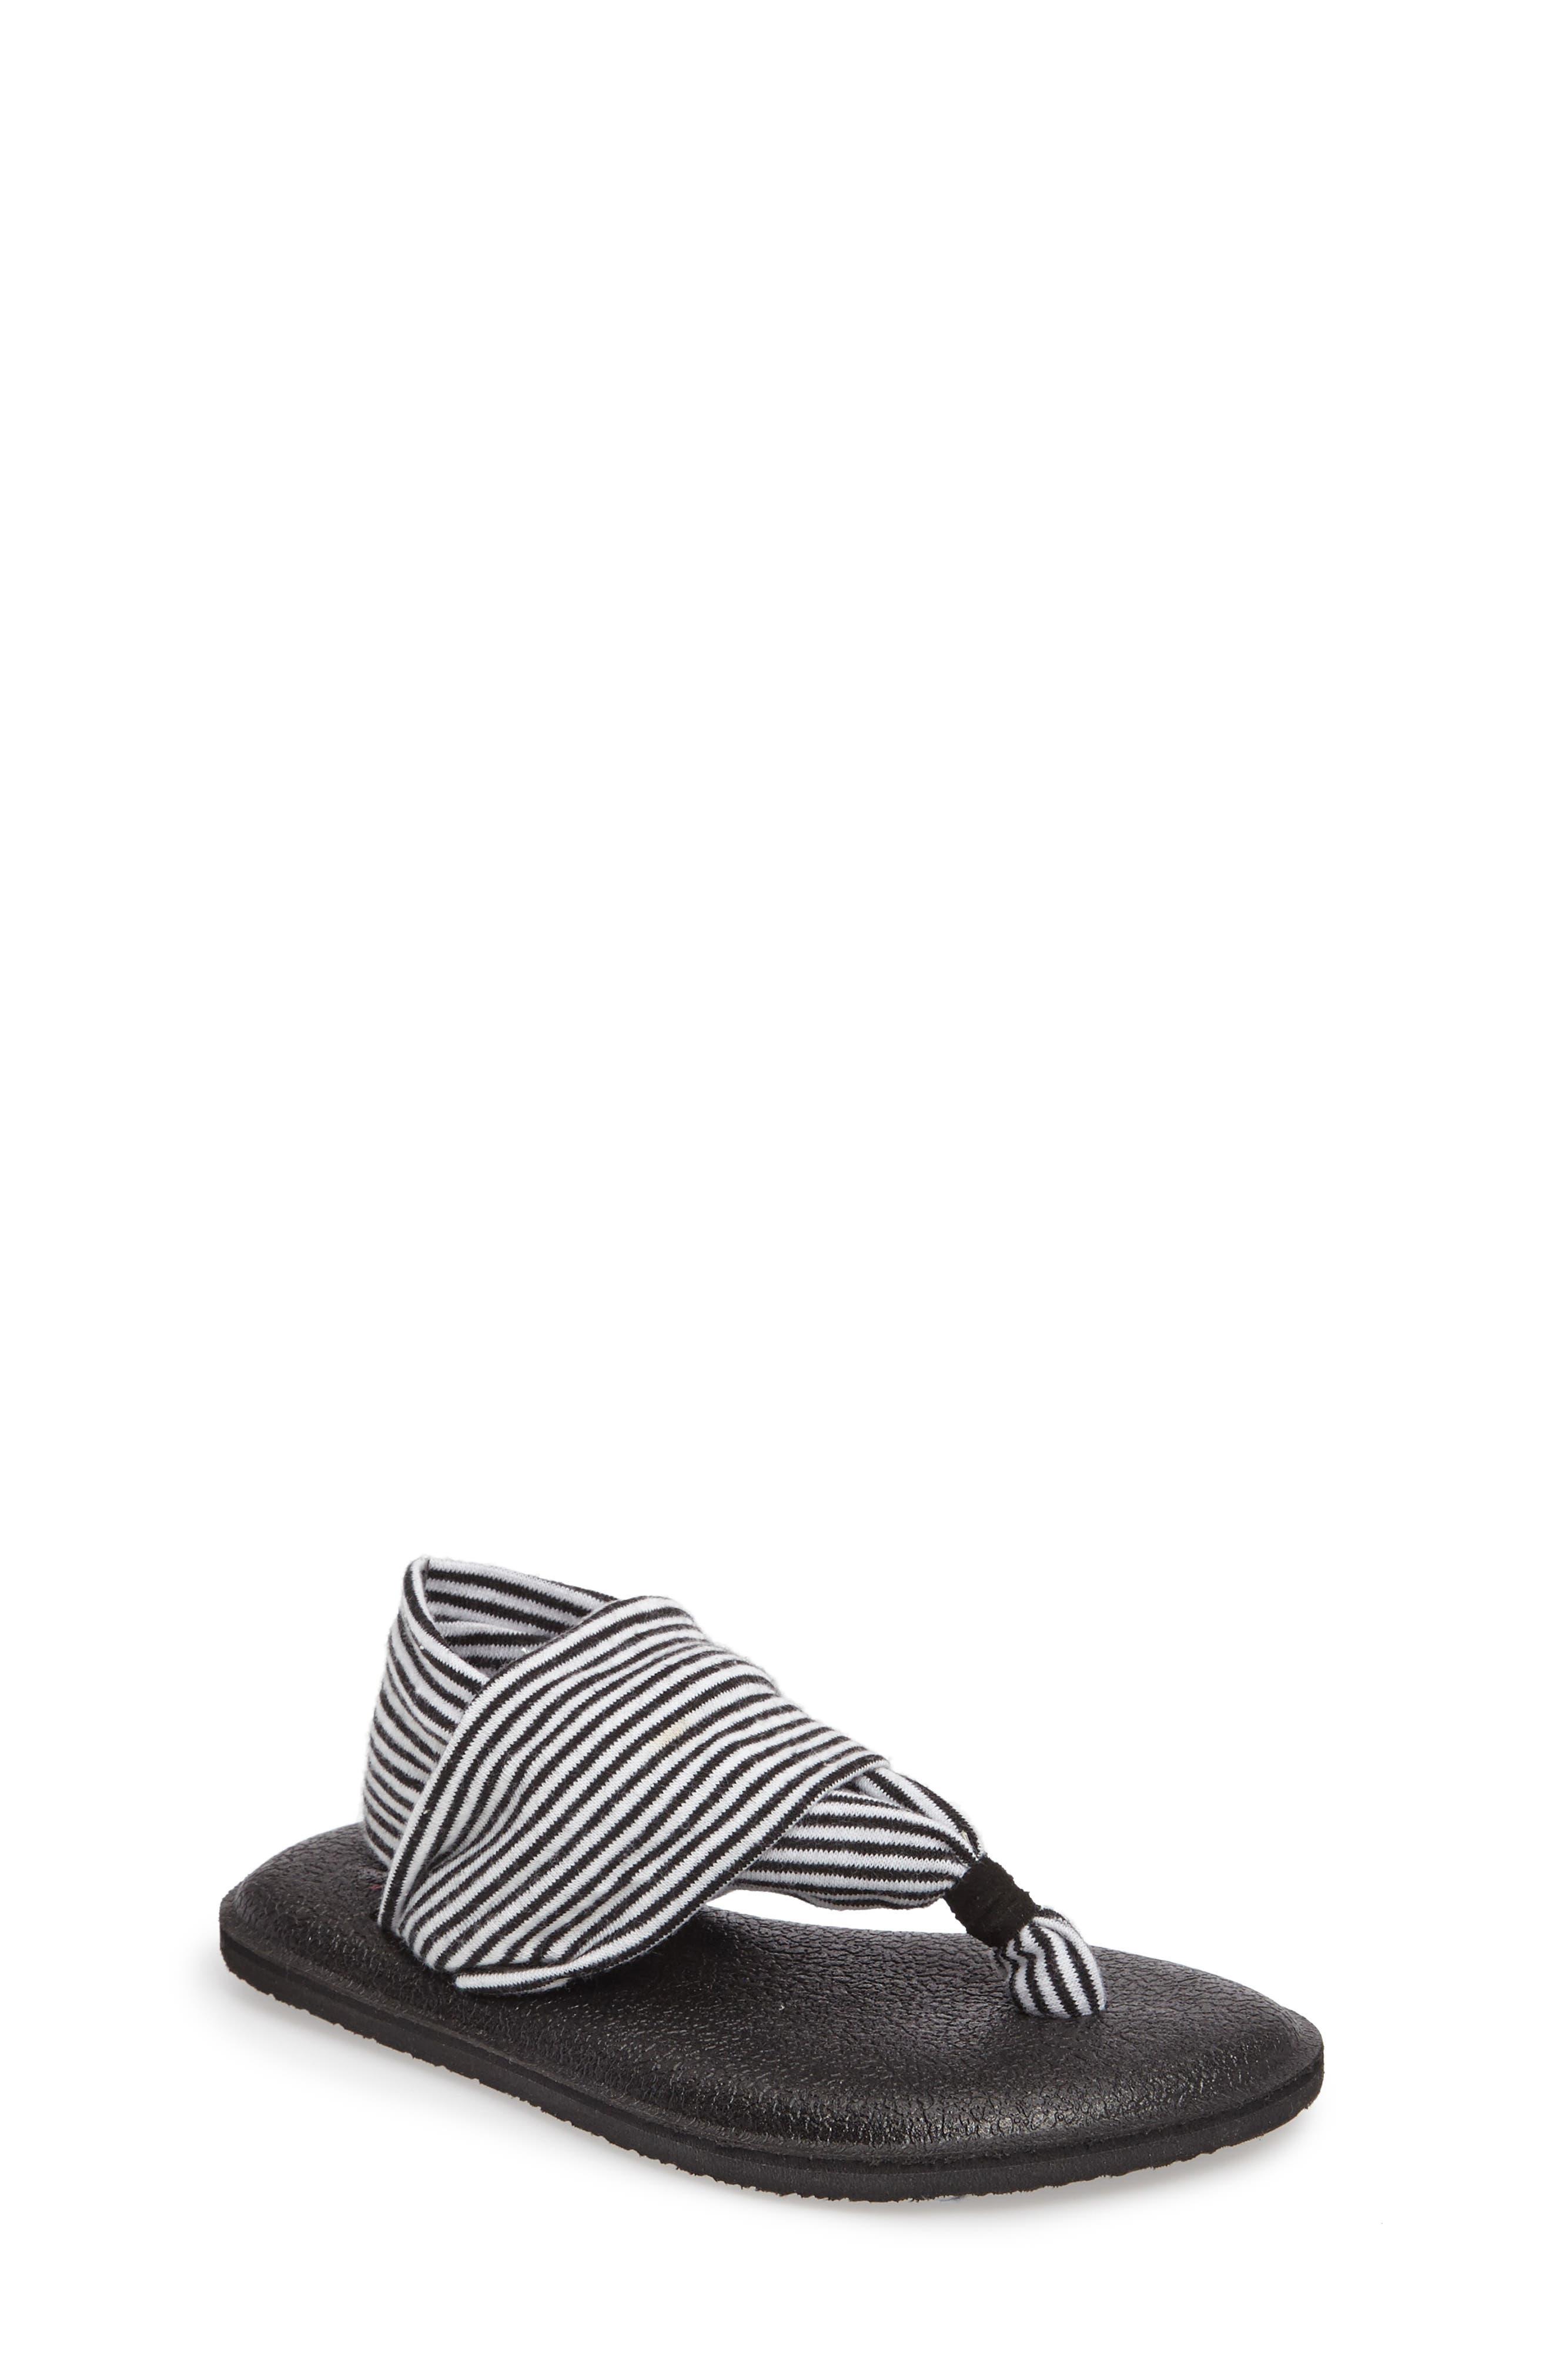 'Yoga Sling' Sandal,                             Main thumbnail 1, color,                             BLACK/ WHITE STRIPE